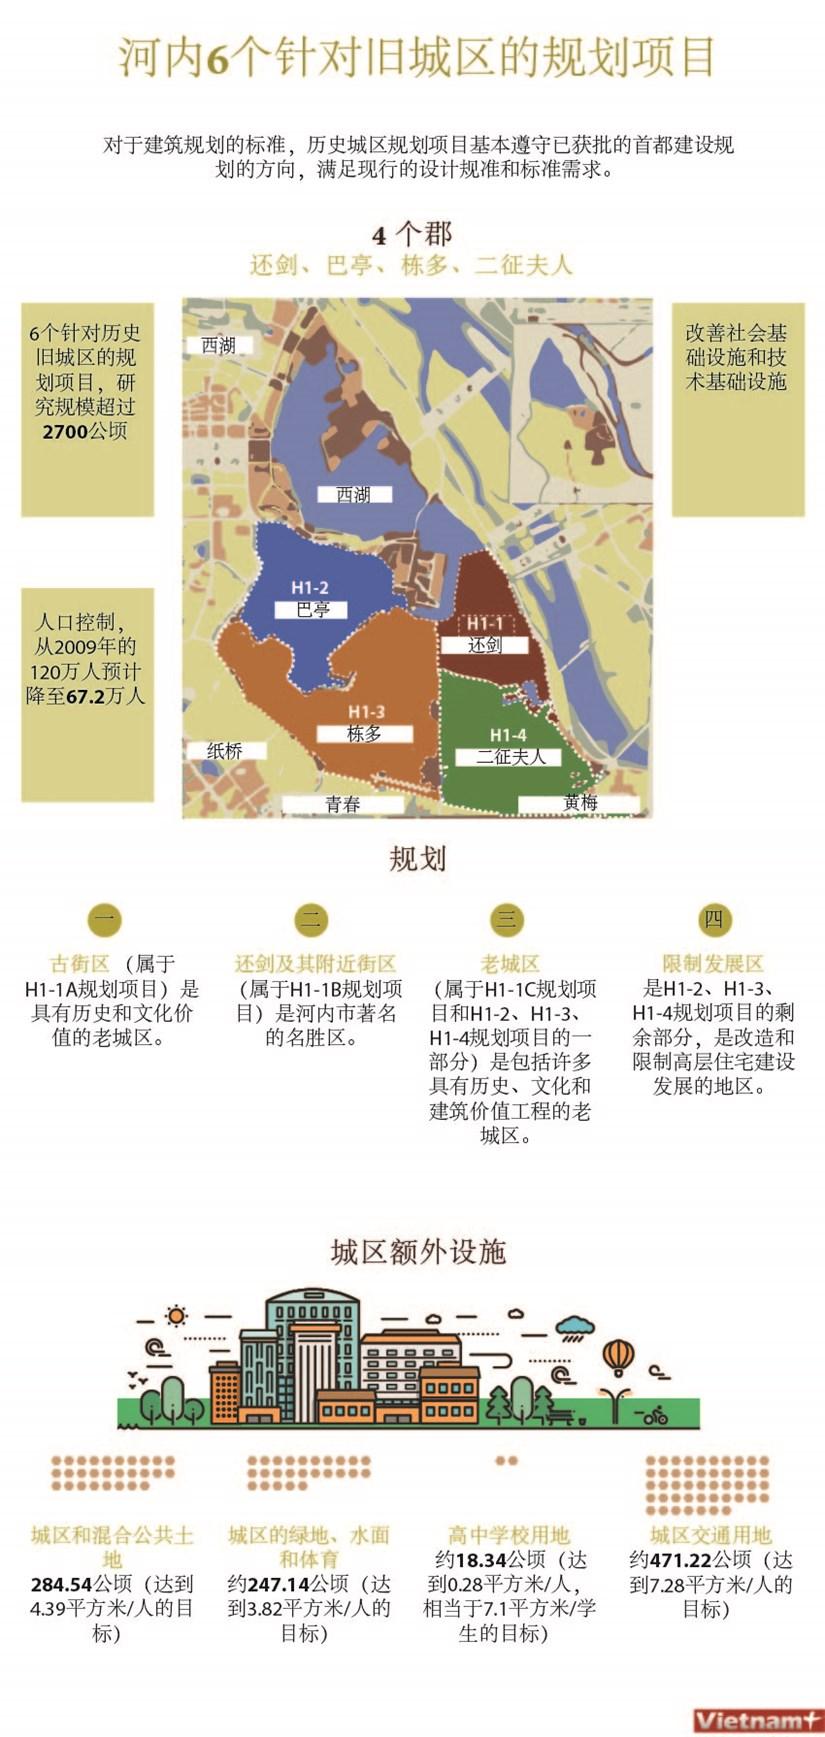 图表新闻:河内6个针对旧城区的规划项目 hinh anh 1